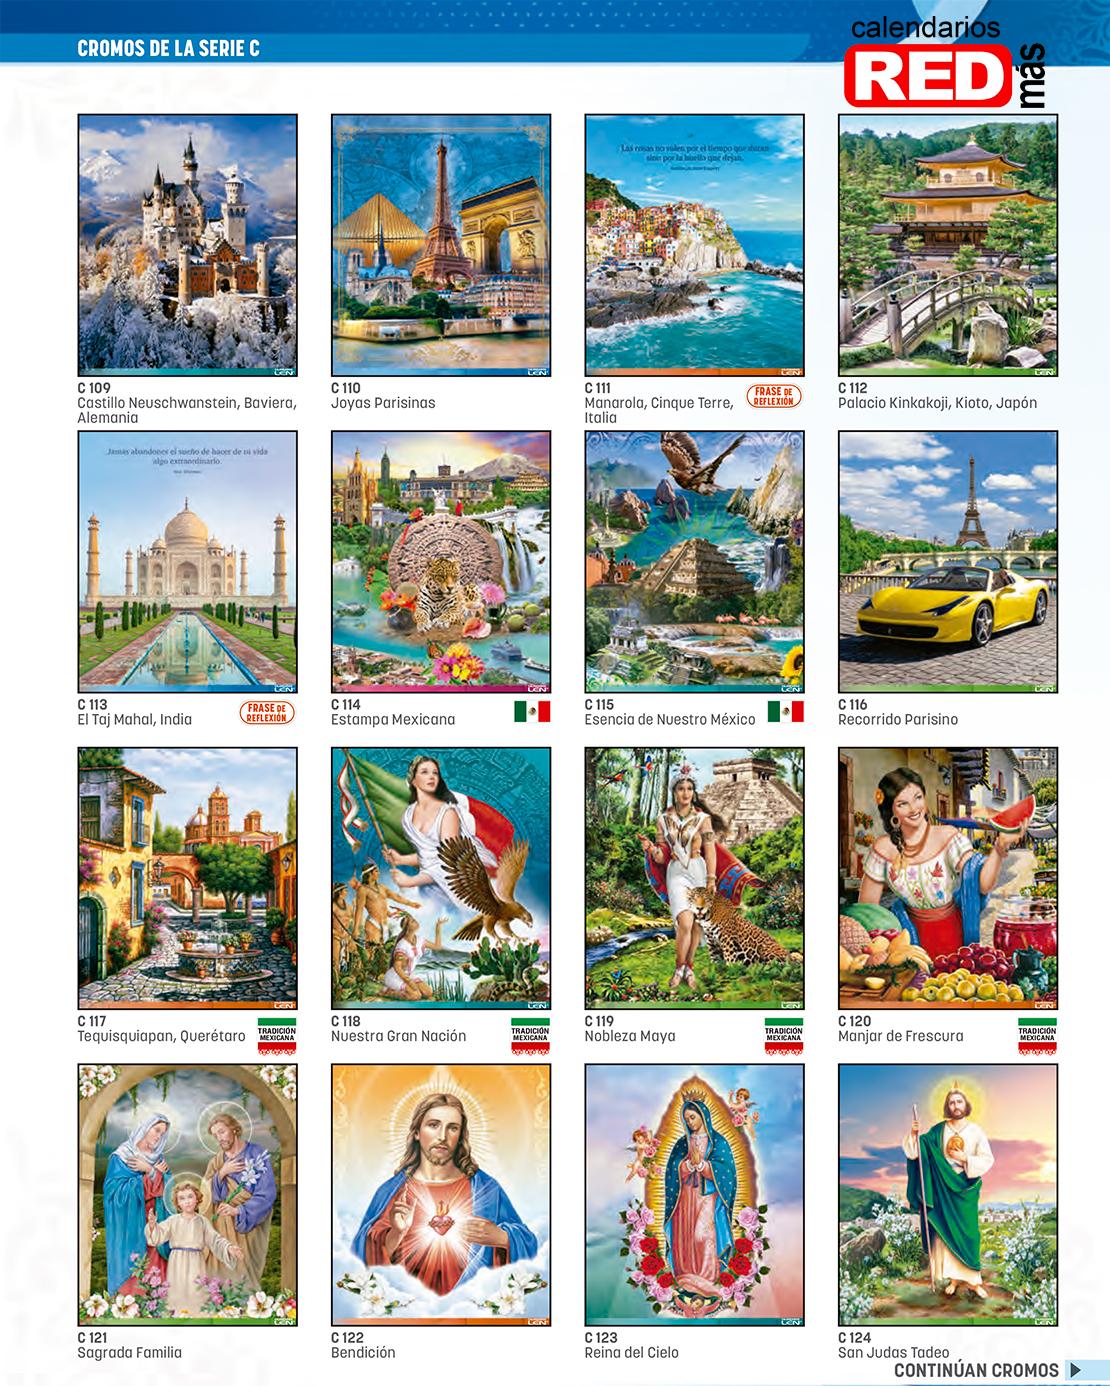 41-Catalogo-Calendarios-LEN-2021-Serie-C-109-124-calendarios-red-2021.jpg